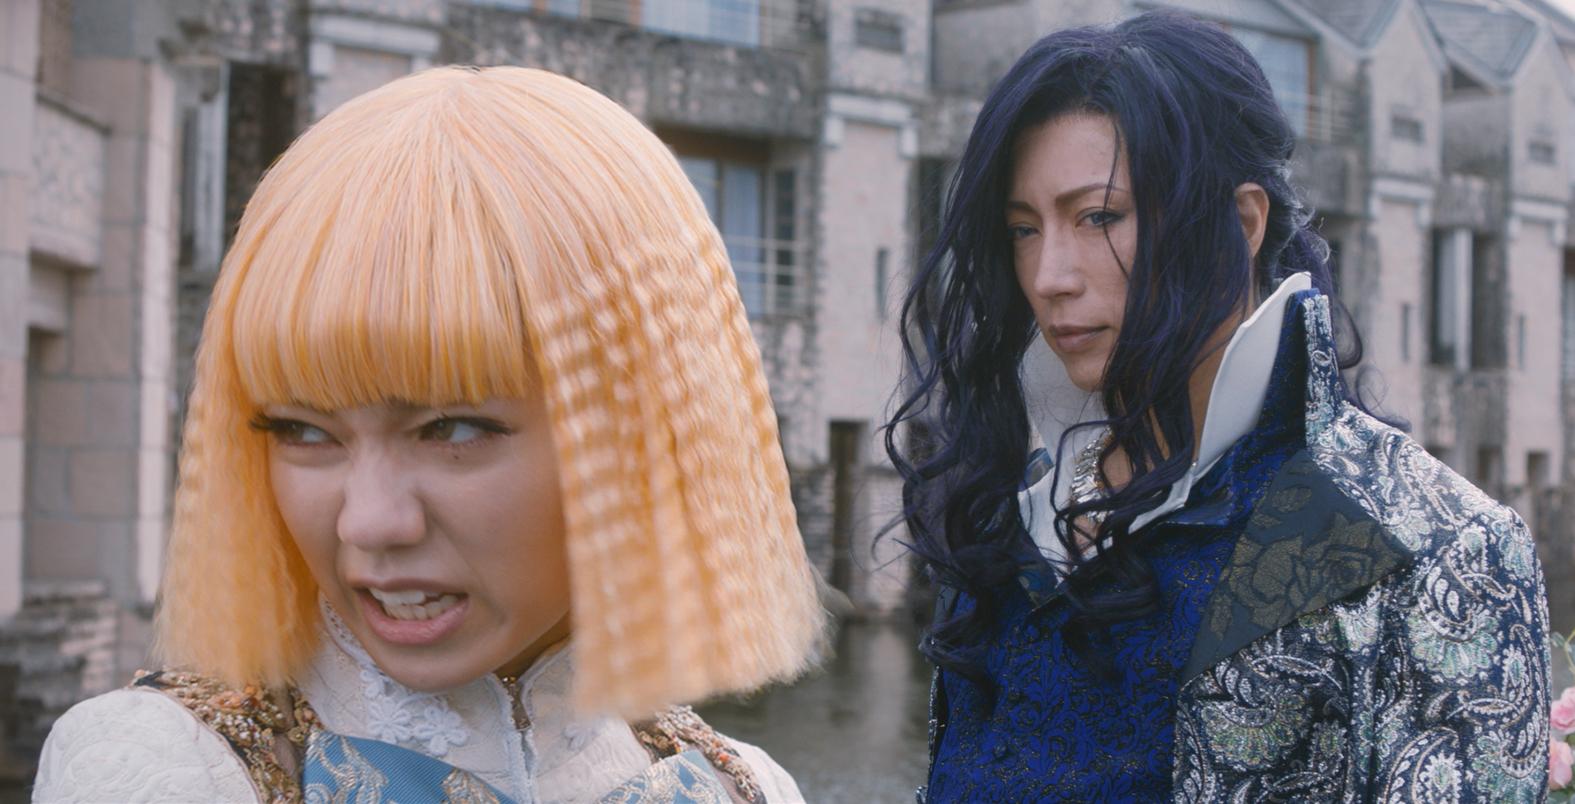 大ヒットを記録した映画「翔んで埼玉」(C) 2019 映画「翔んで埼玉」製作委員会